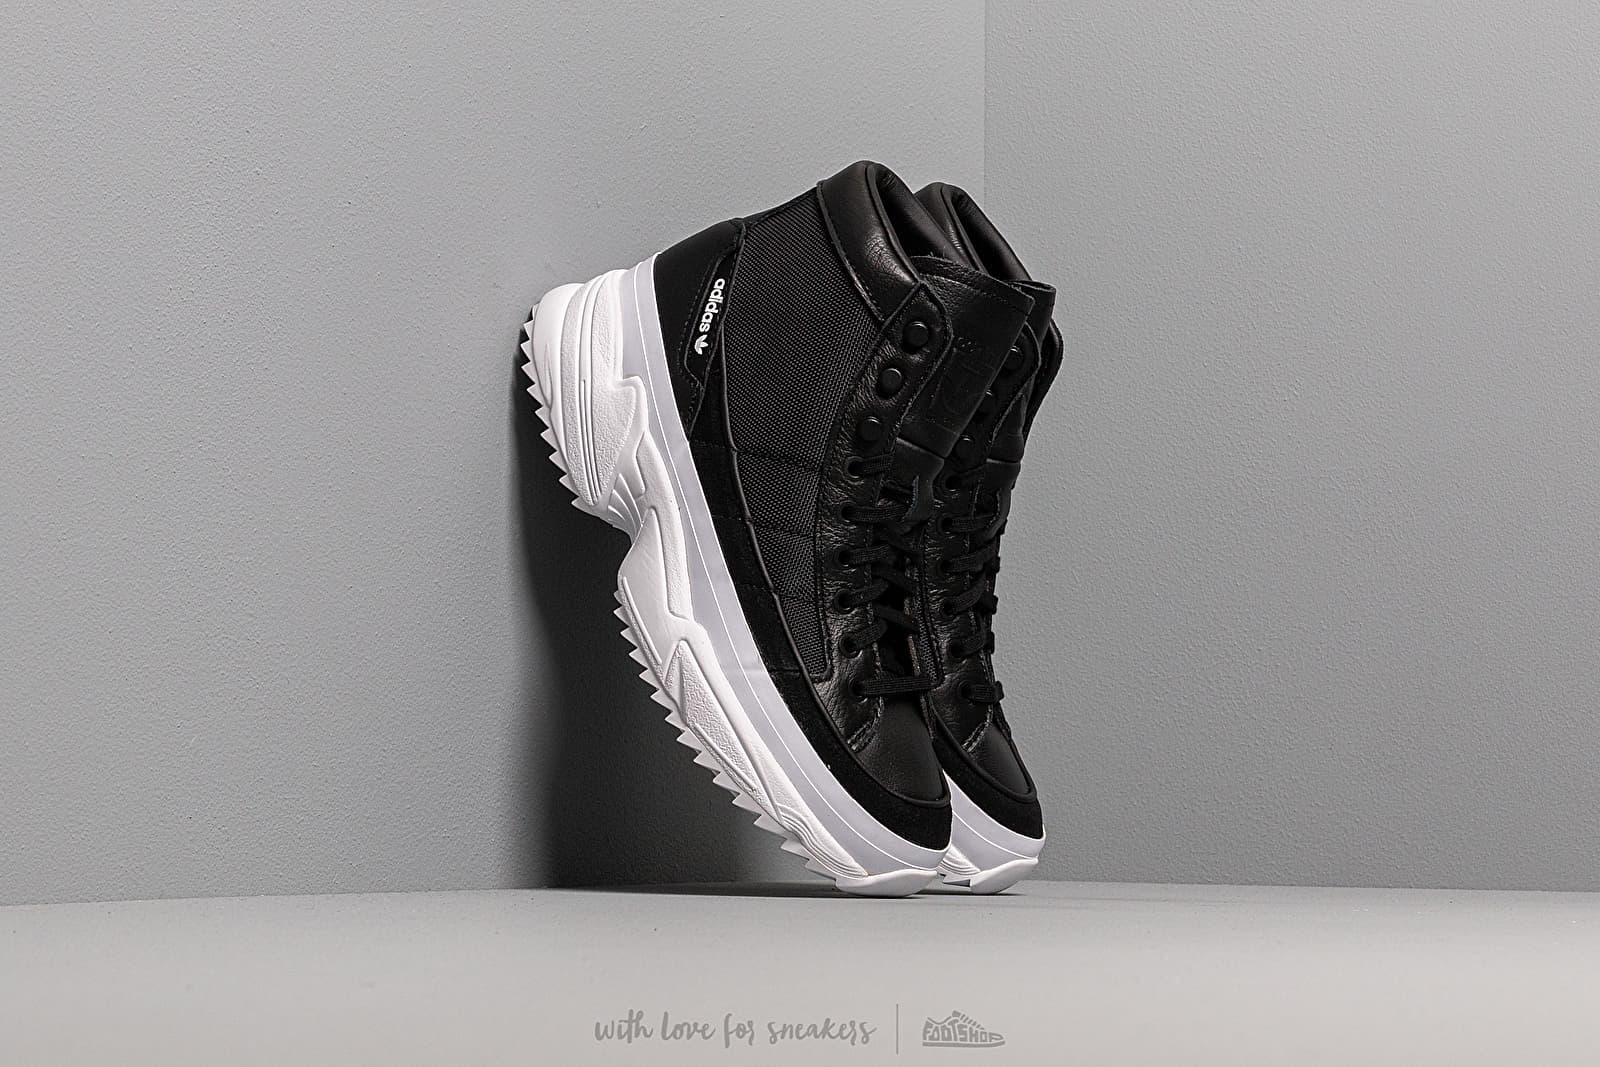 Chaussures et baskets femme adidas Kiellor Xtra W Core Black/ Core Black/ Ftw White